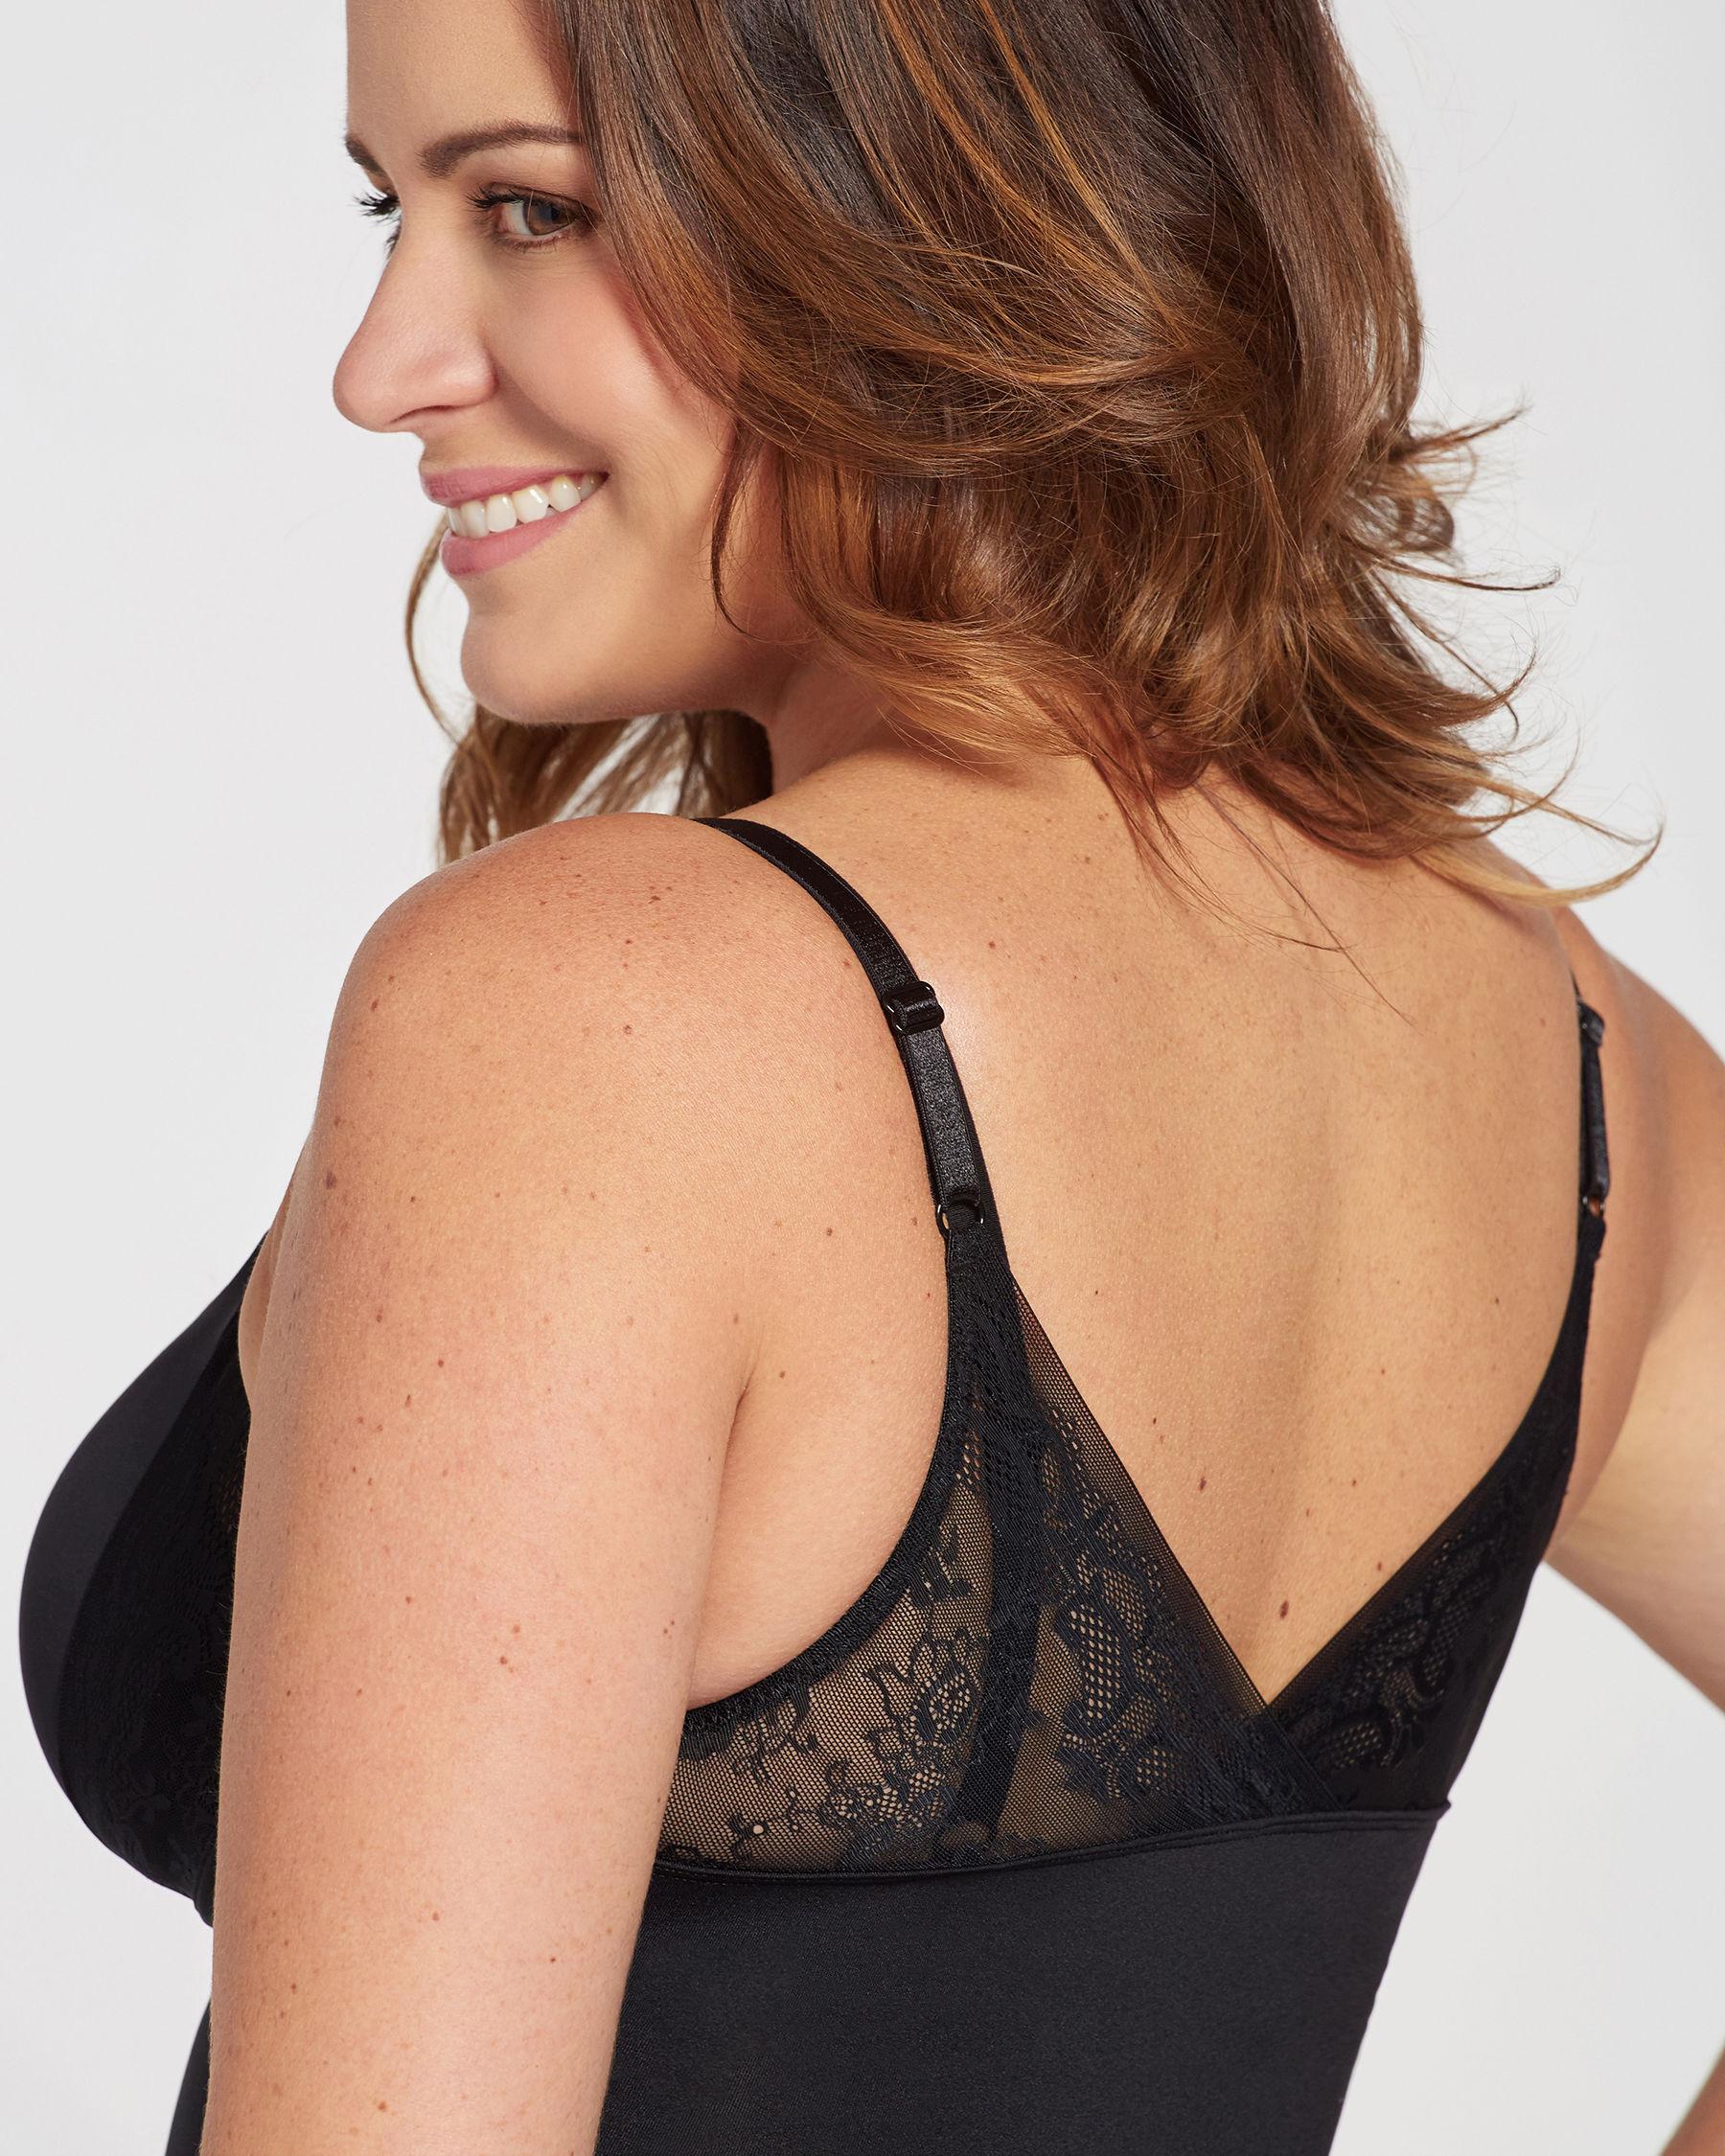 LA VIE EN ROSE Dress Control Black 897-126-0-00 - View2